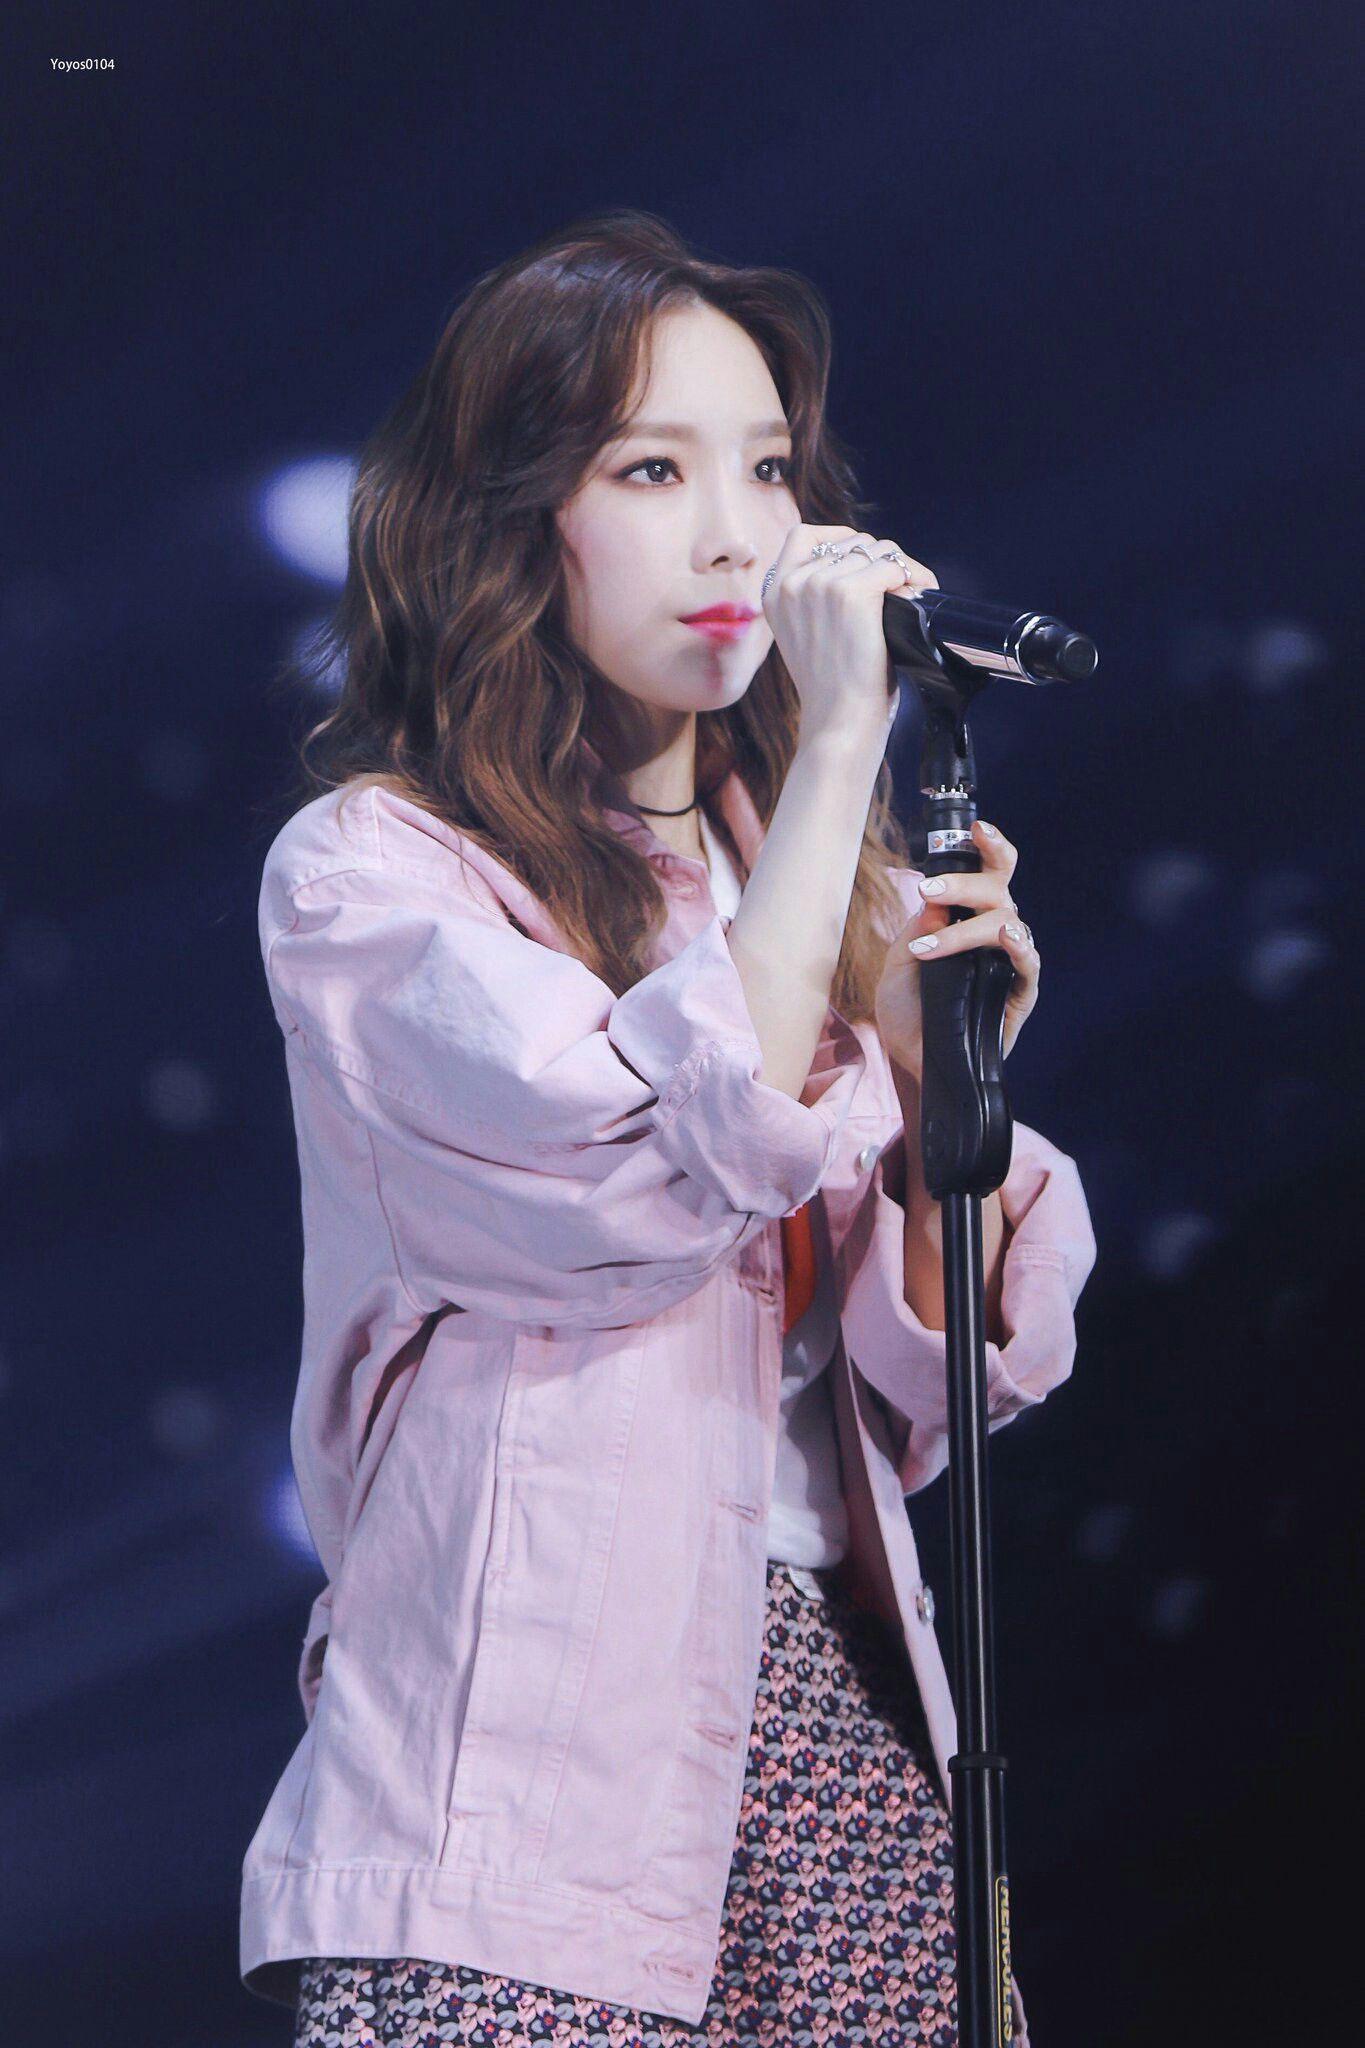 Khi idol nữ cover hit của idol nam: Hay chẳng hề kém cạnh bản chính! - Ảnh 1.